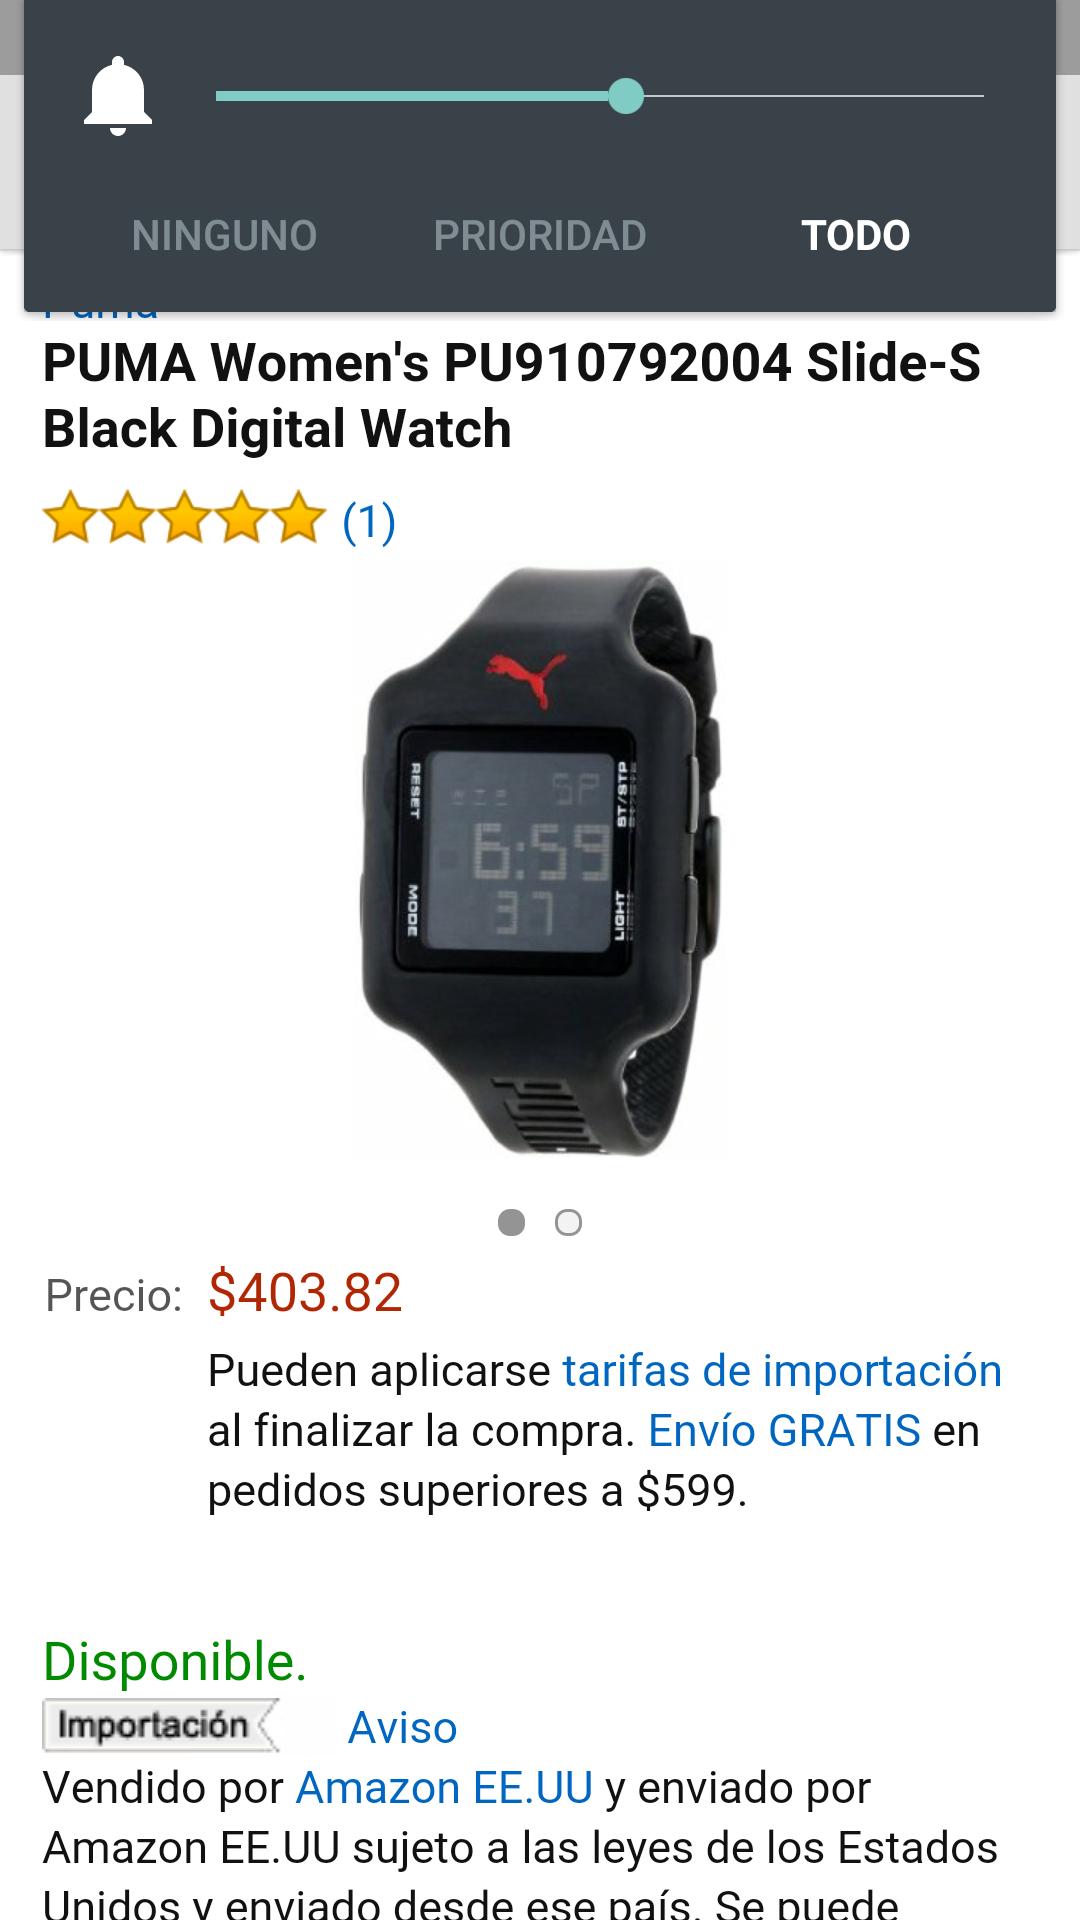 Amazon: Reloj puma para dama PU910792004 372 $3